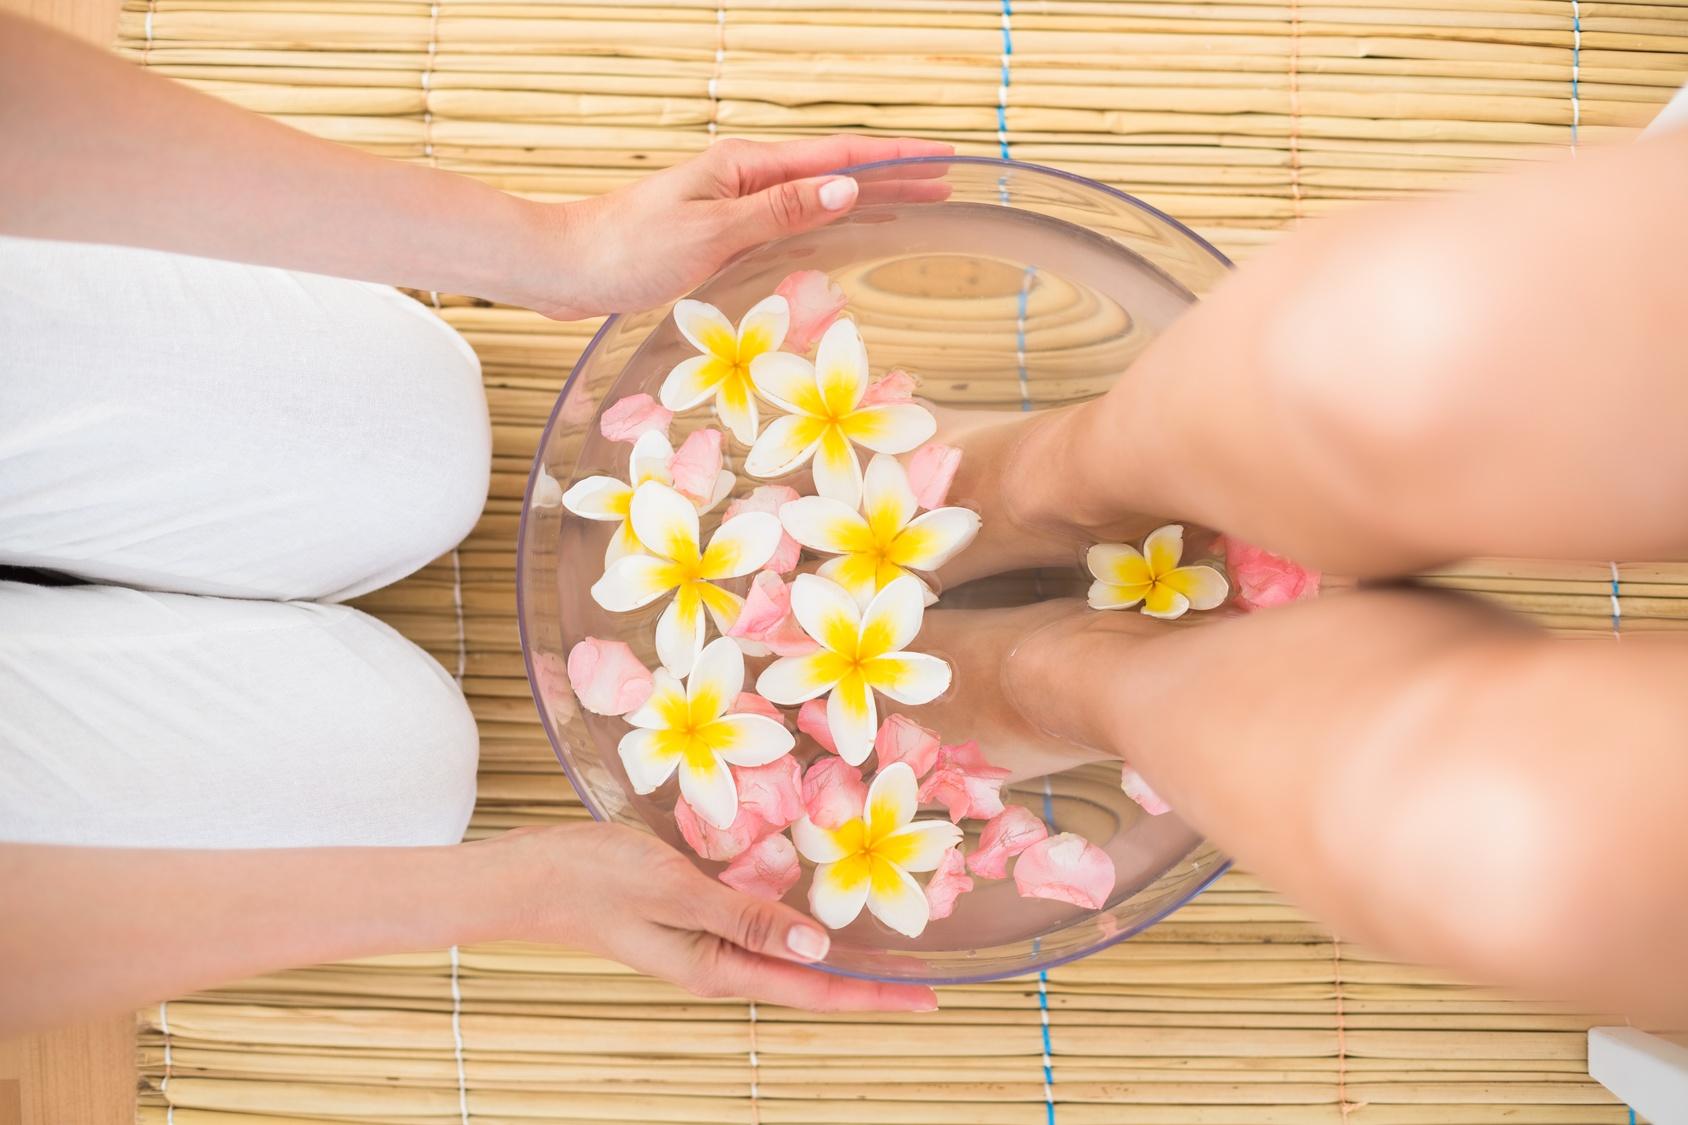 Koko kehoa puhdistava Aqua Detox -jalkahoito yhdelle tai kahdelle hengelle alk. vain 15€